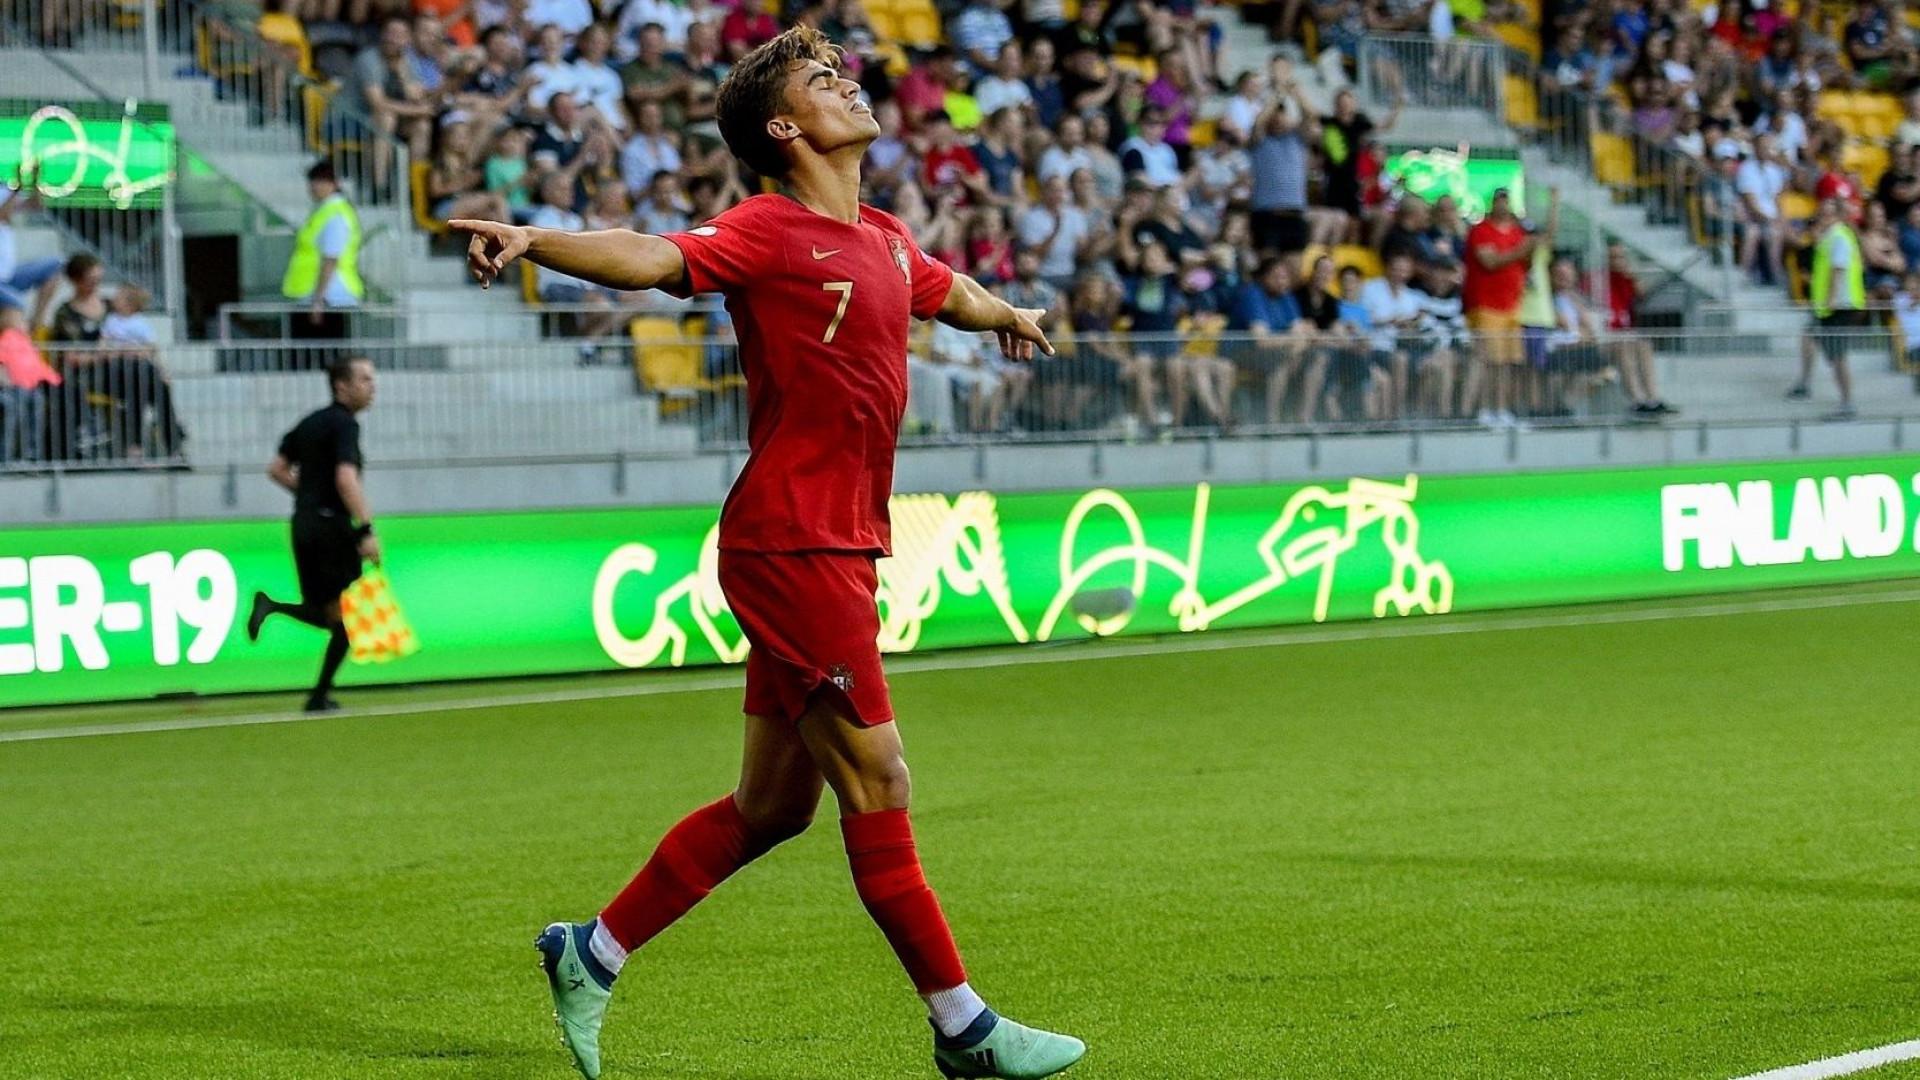 1db2350196 Seleção Nacional venceu o Europeu da categoria sub-19 frente à Itália